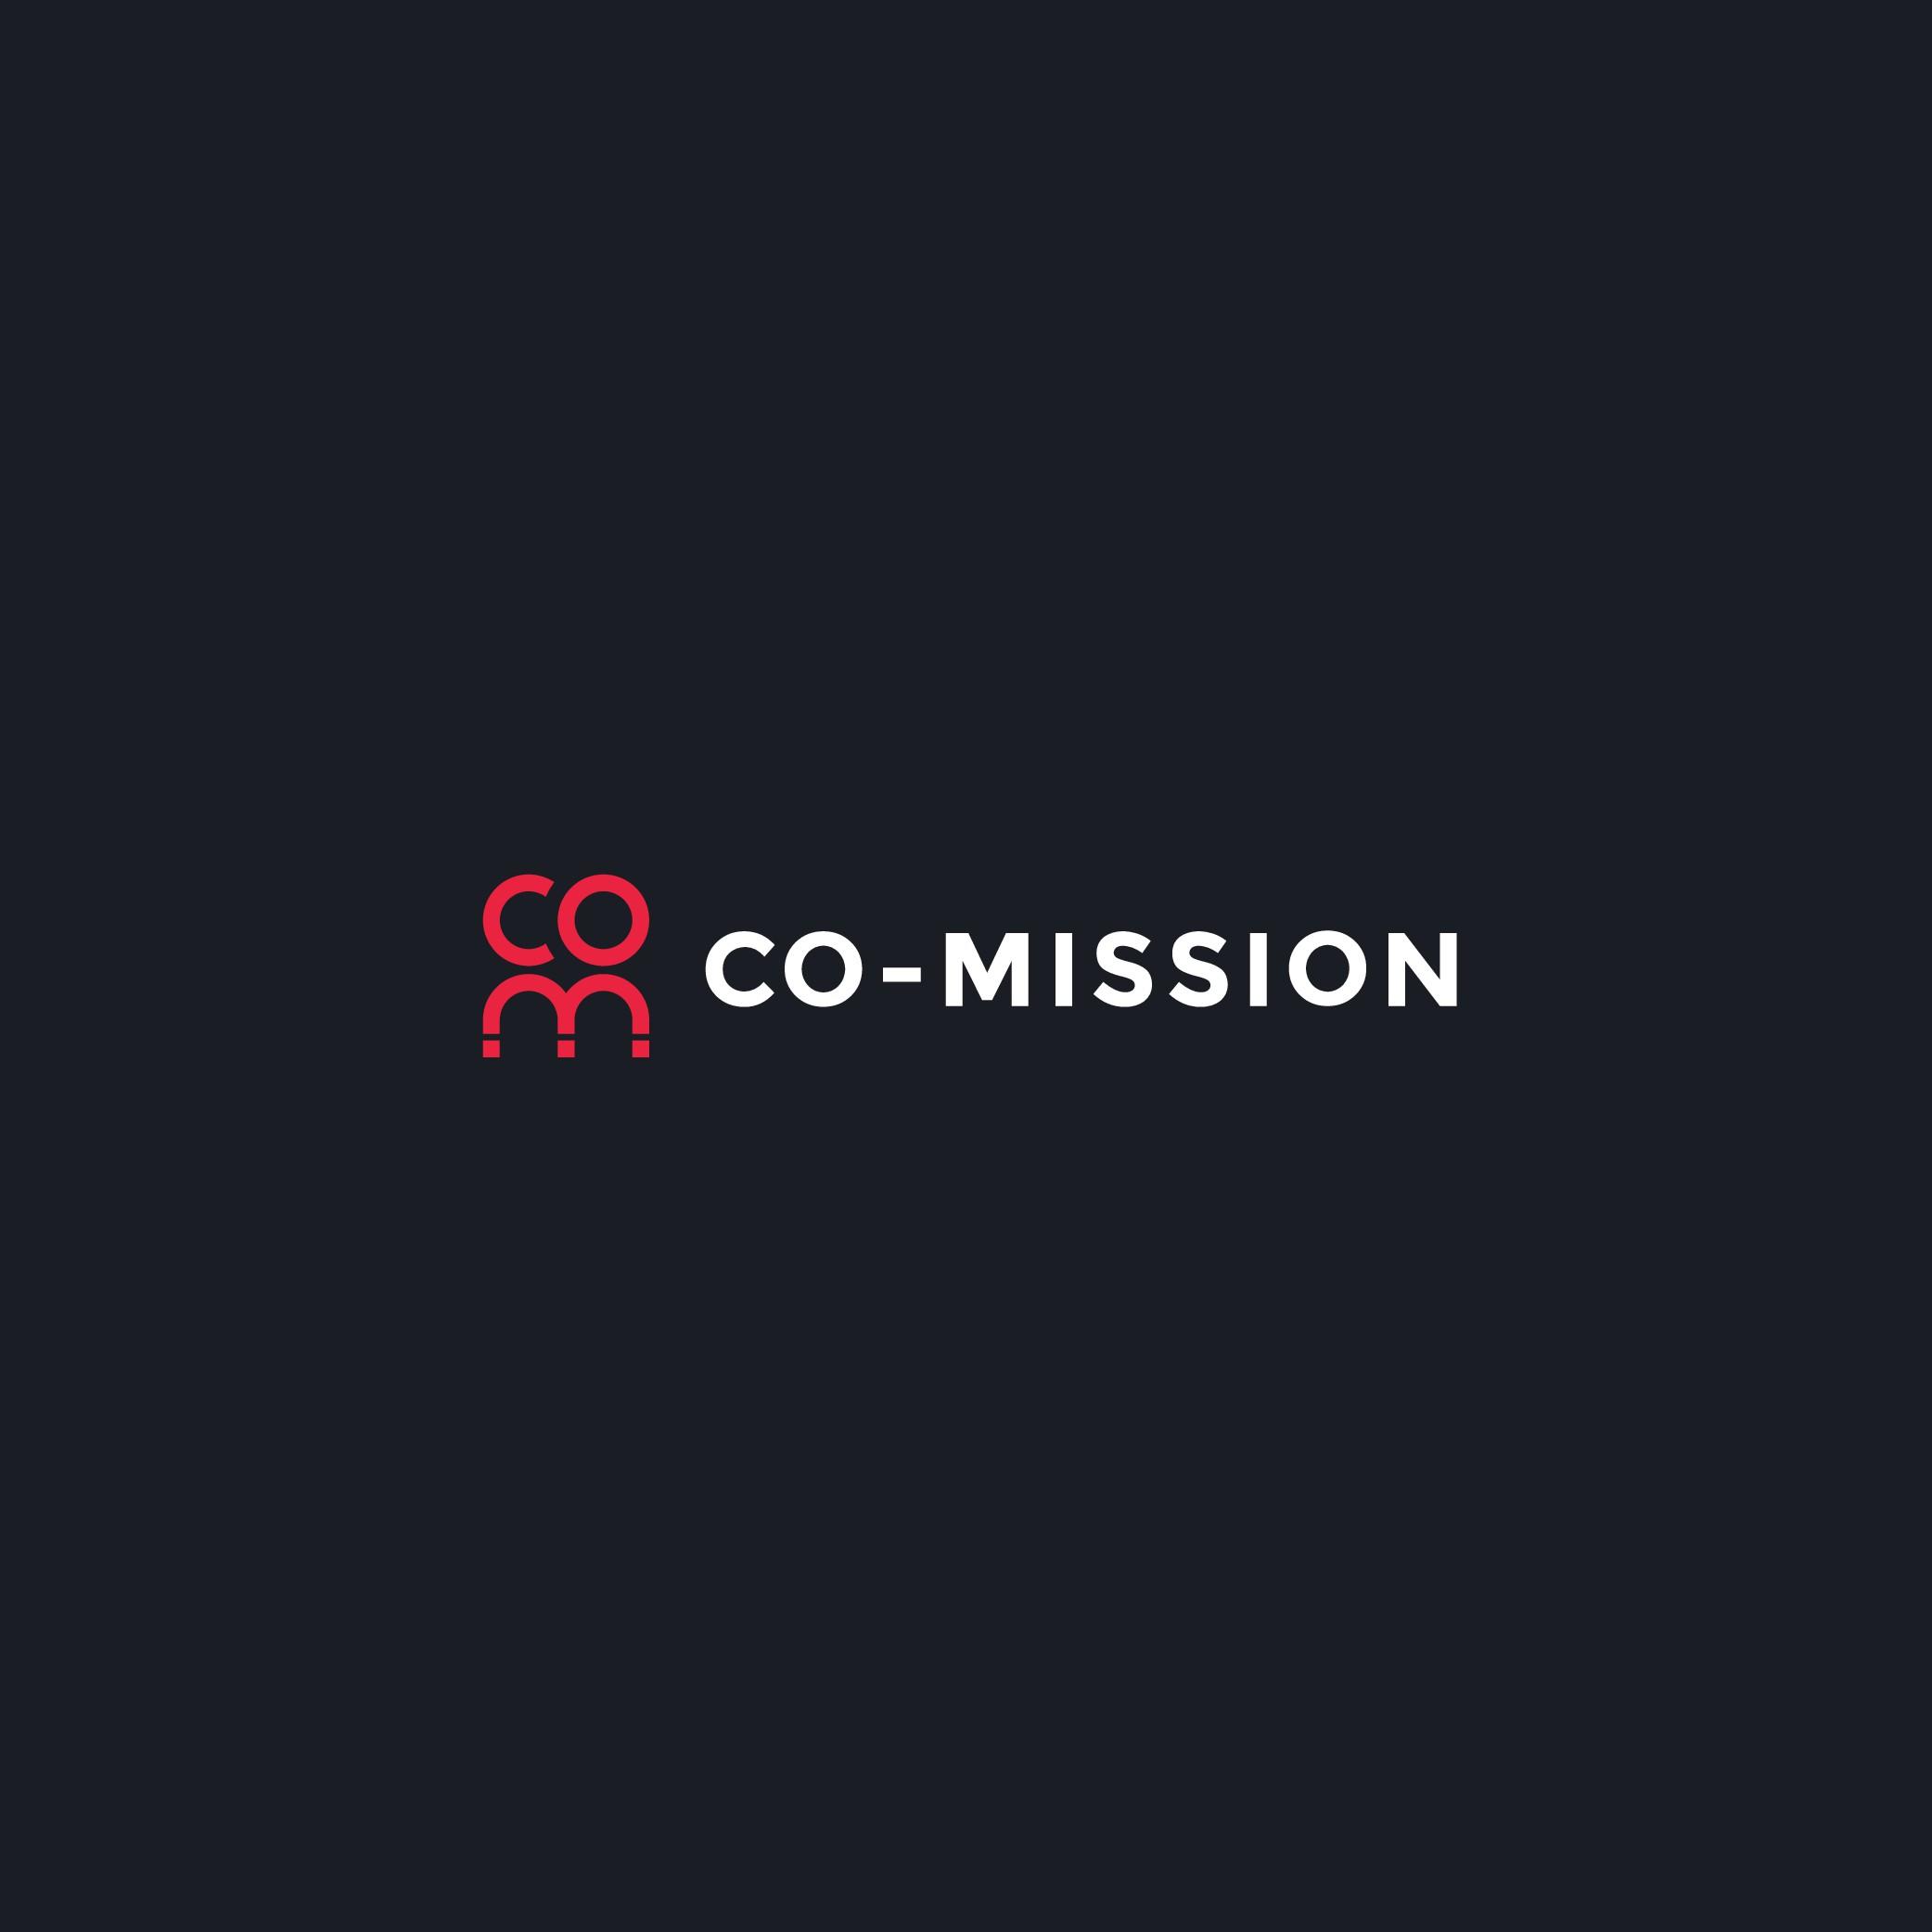 Design a modern, sleek, professional logo for a web based/mobile app startup